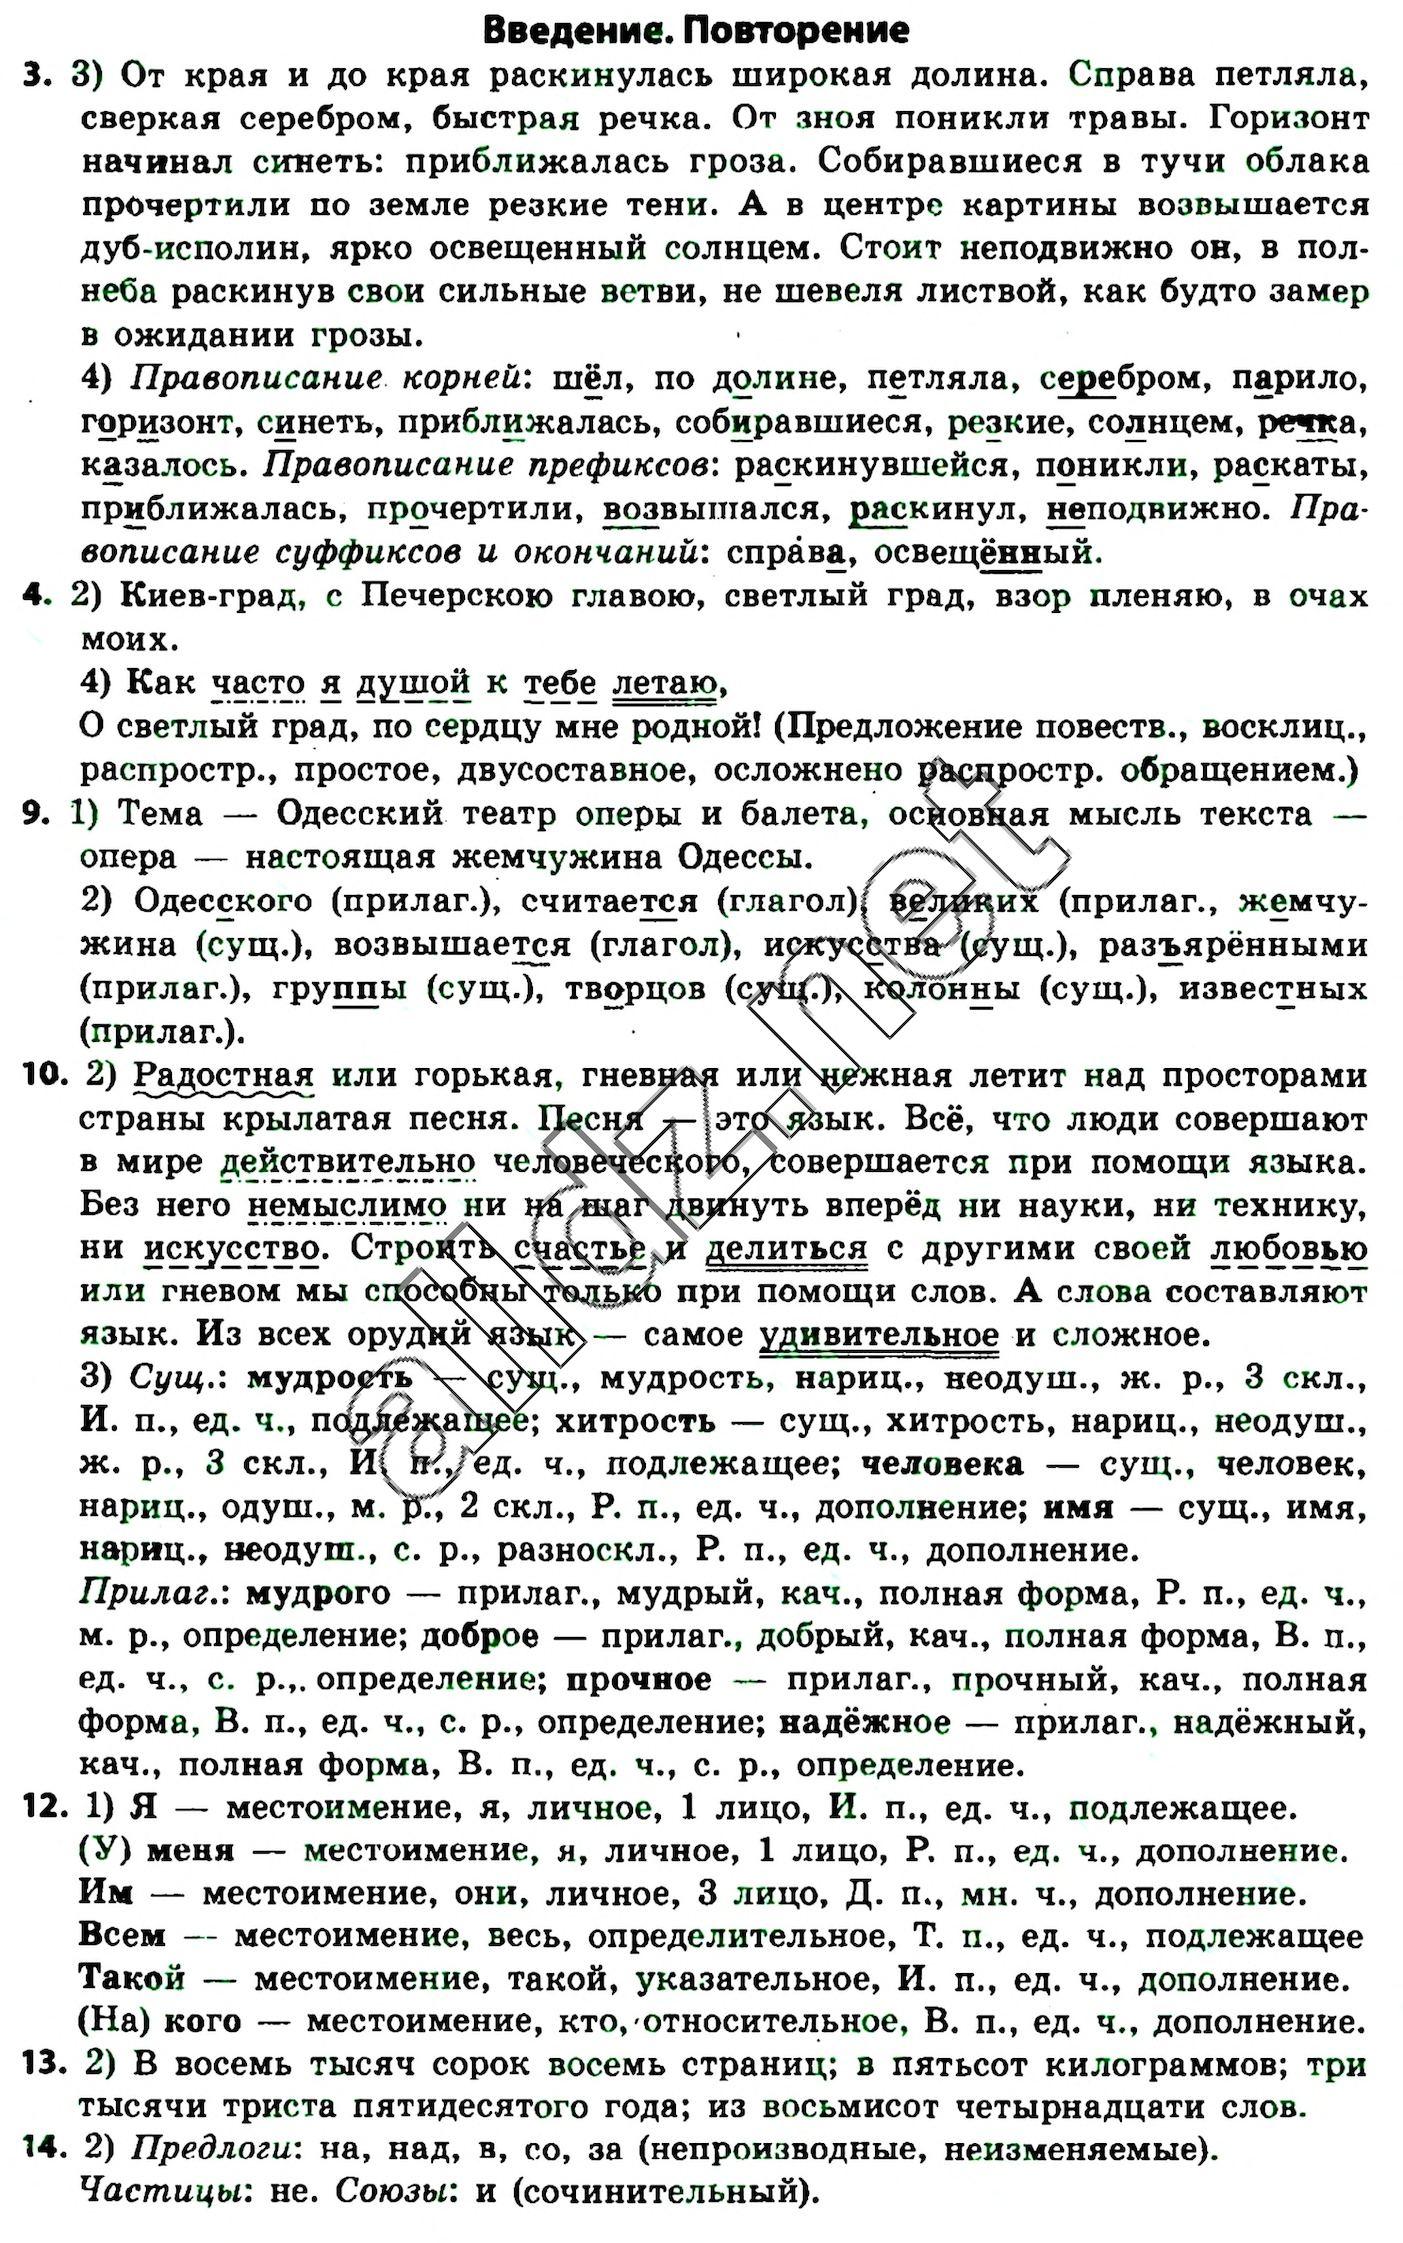 Решебник по русскому языку е.и.быкова 8 класс